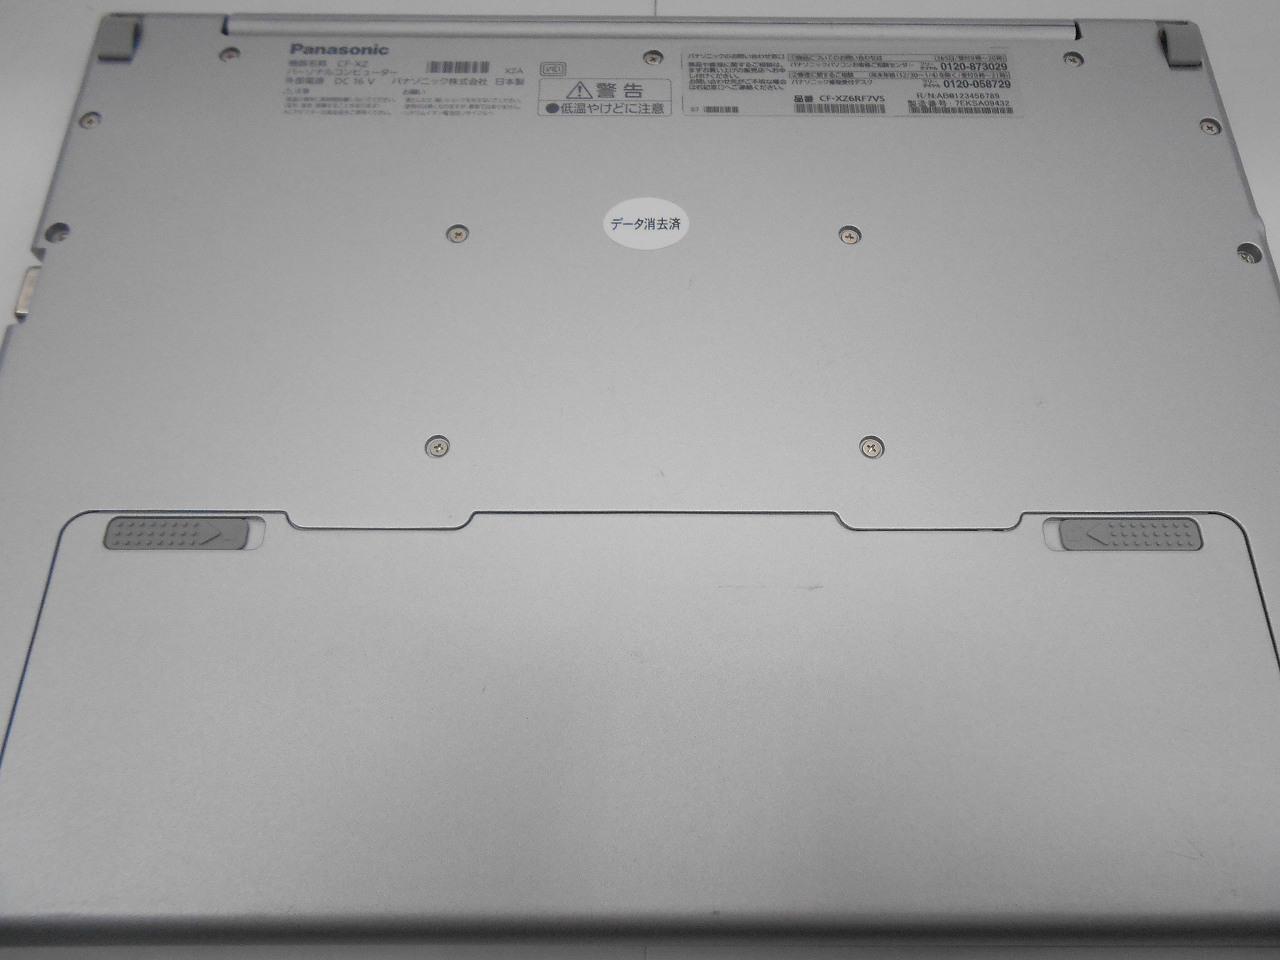 【テレワーク応援】【WPSOffice付】【中古】Panasonic Let'snote CF-XZ6/2017年モデル/Corei5 7300U 2.6GHz/メモリ8GB/SSD256GB/12インチ/Windows10Pro【3ヶ月保証】【足立店発送】